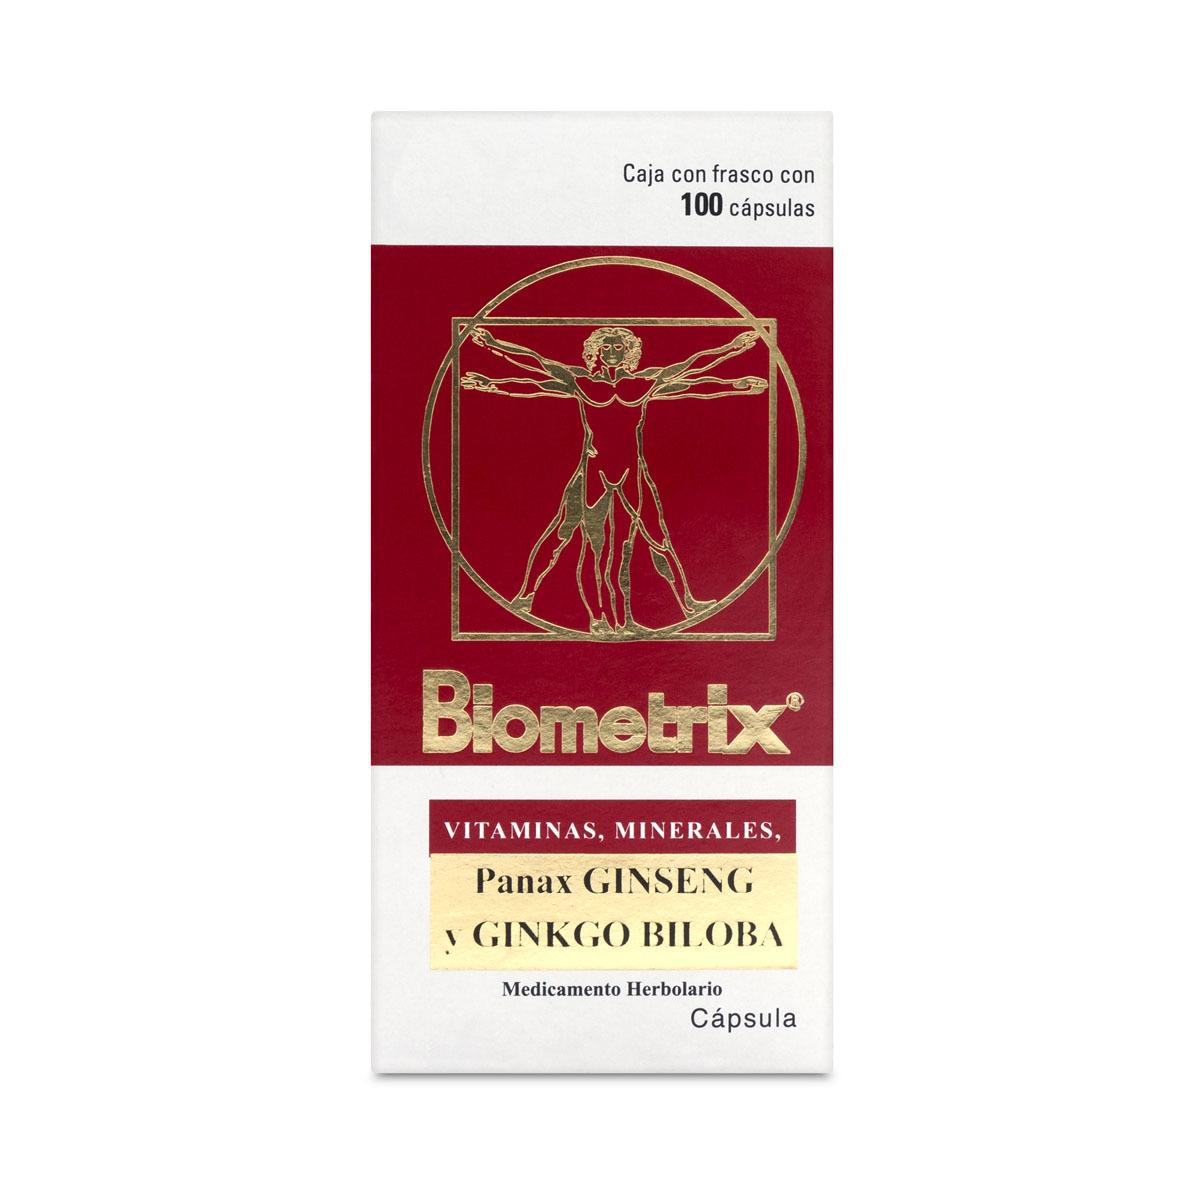 Chedraui: Biometrix más barato en línea que en sucursal $194 pesos de descuento